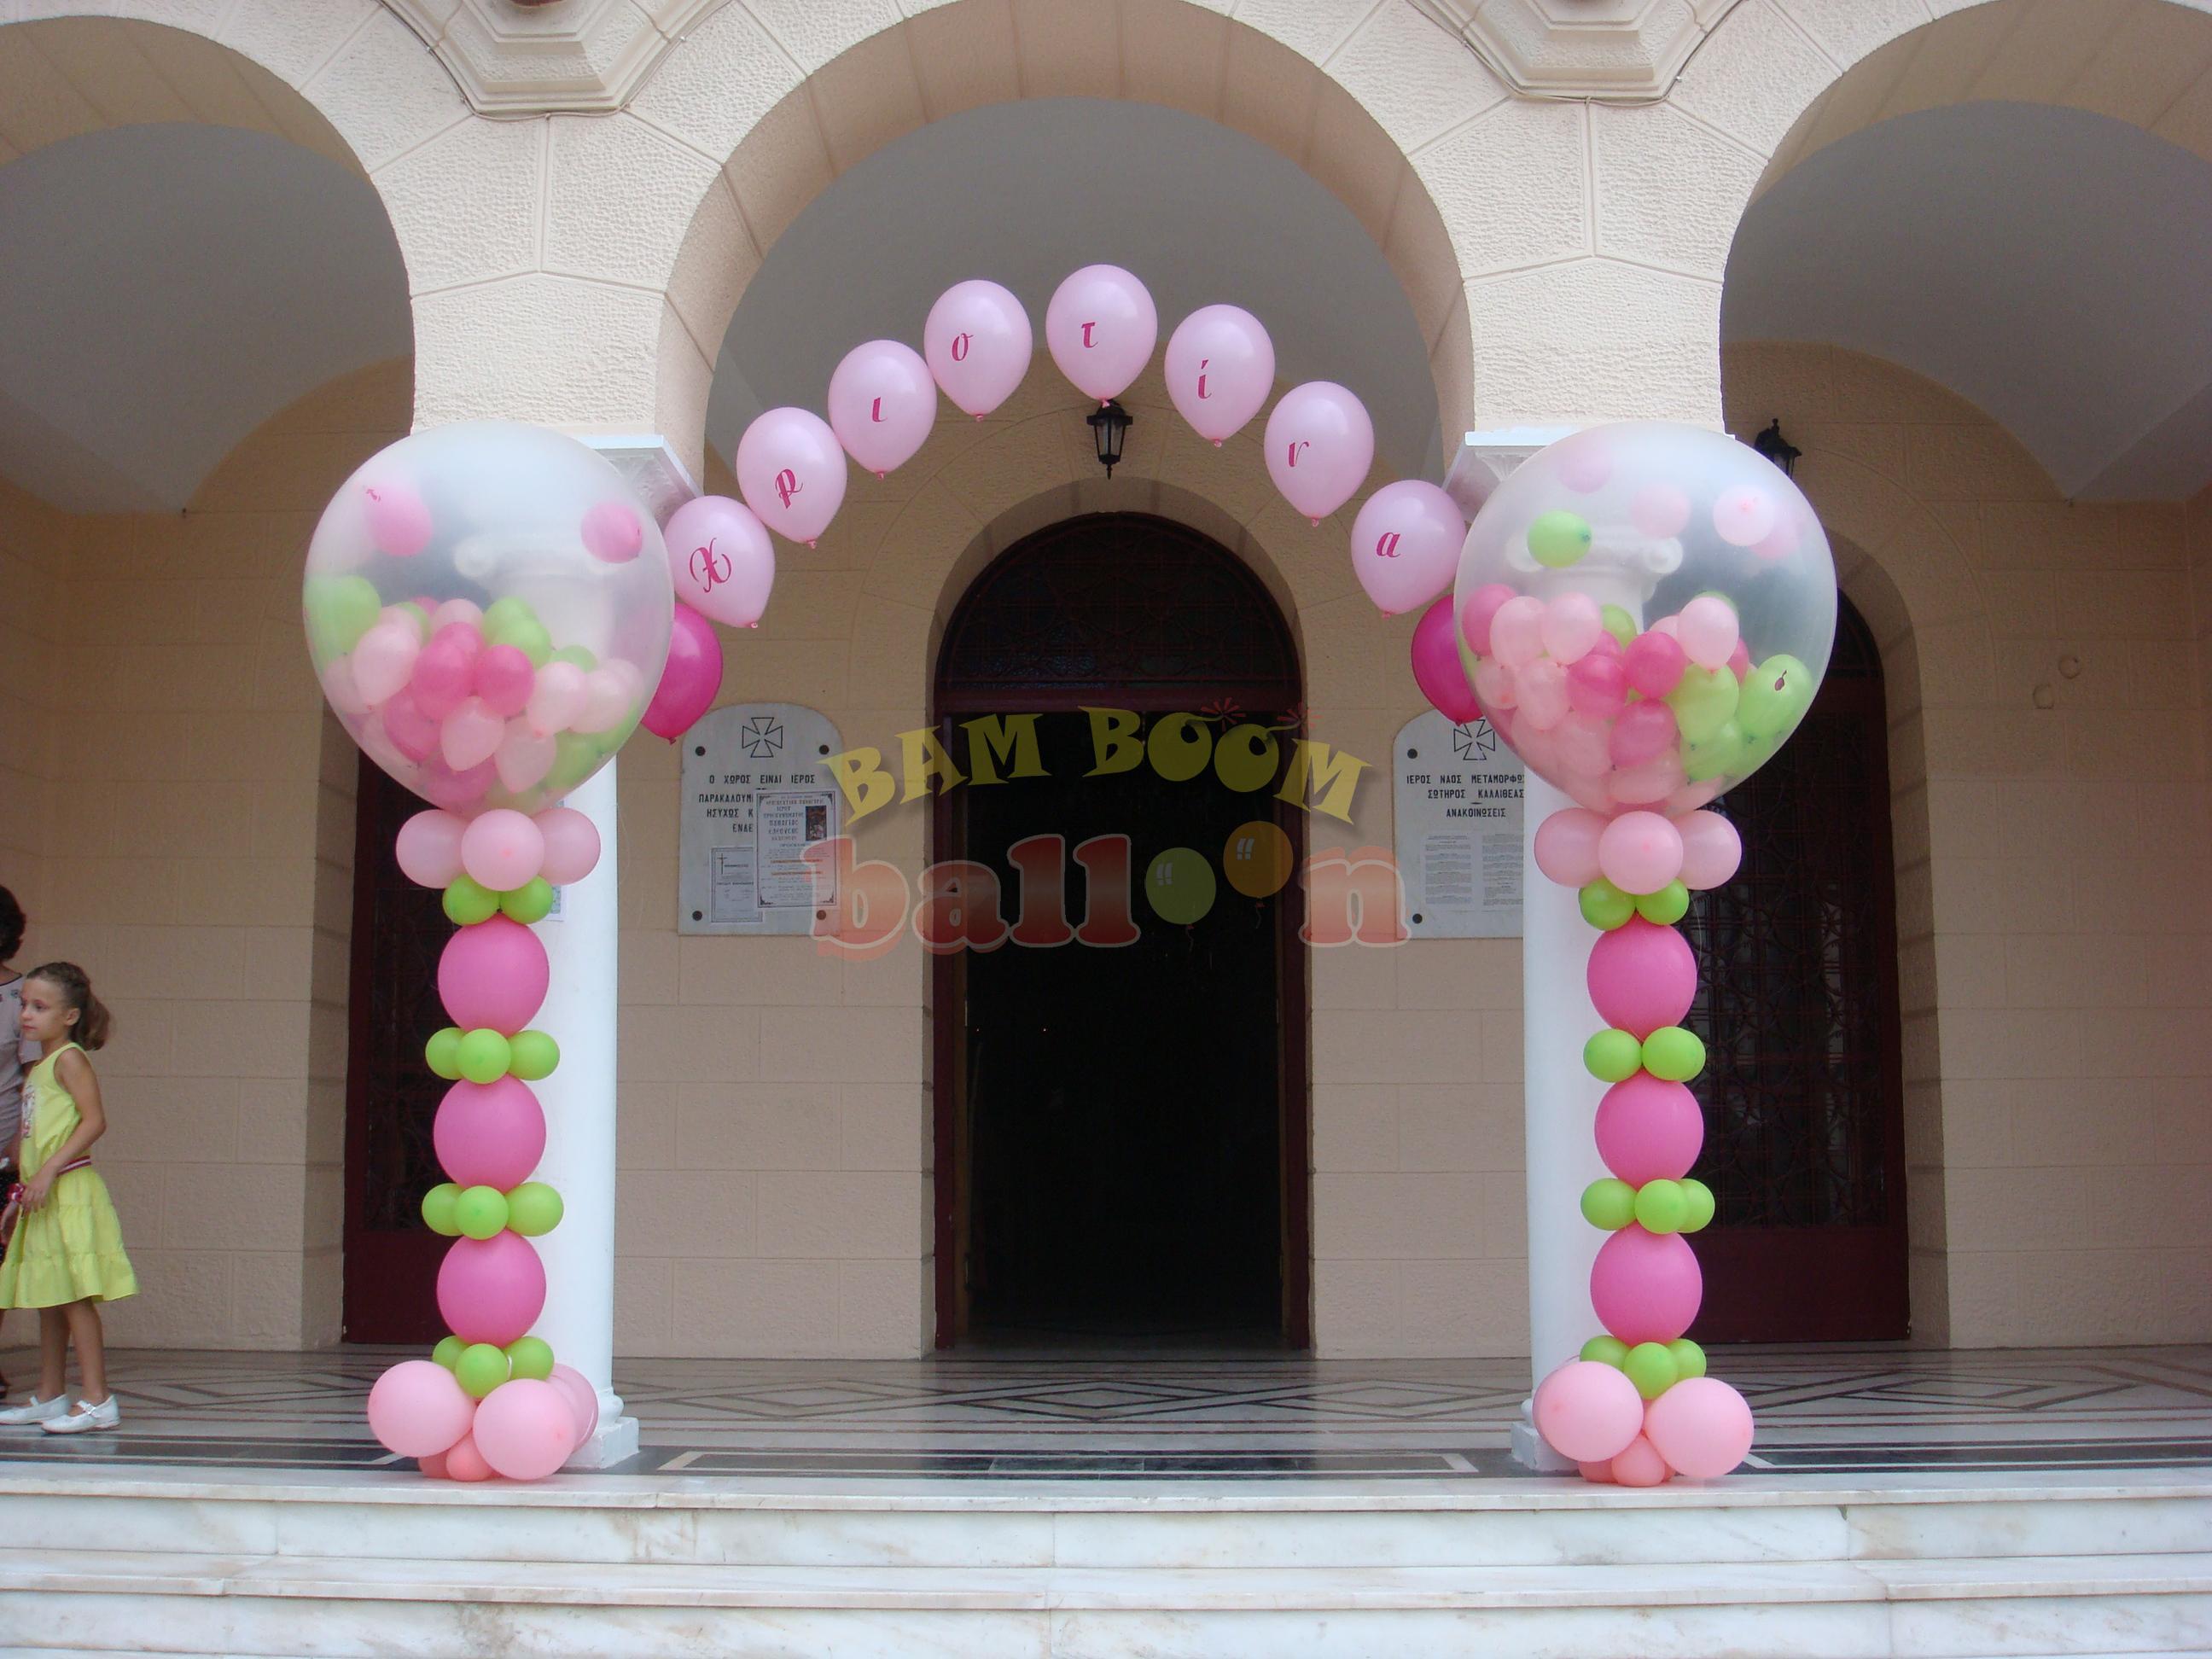 Μπαλόνια explosion με link και αψίδα με όνομα